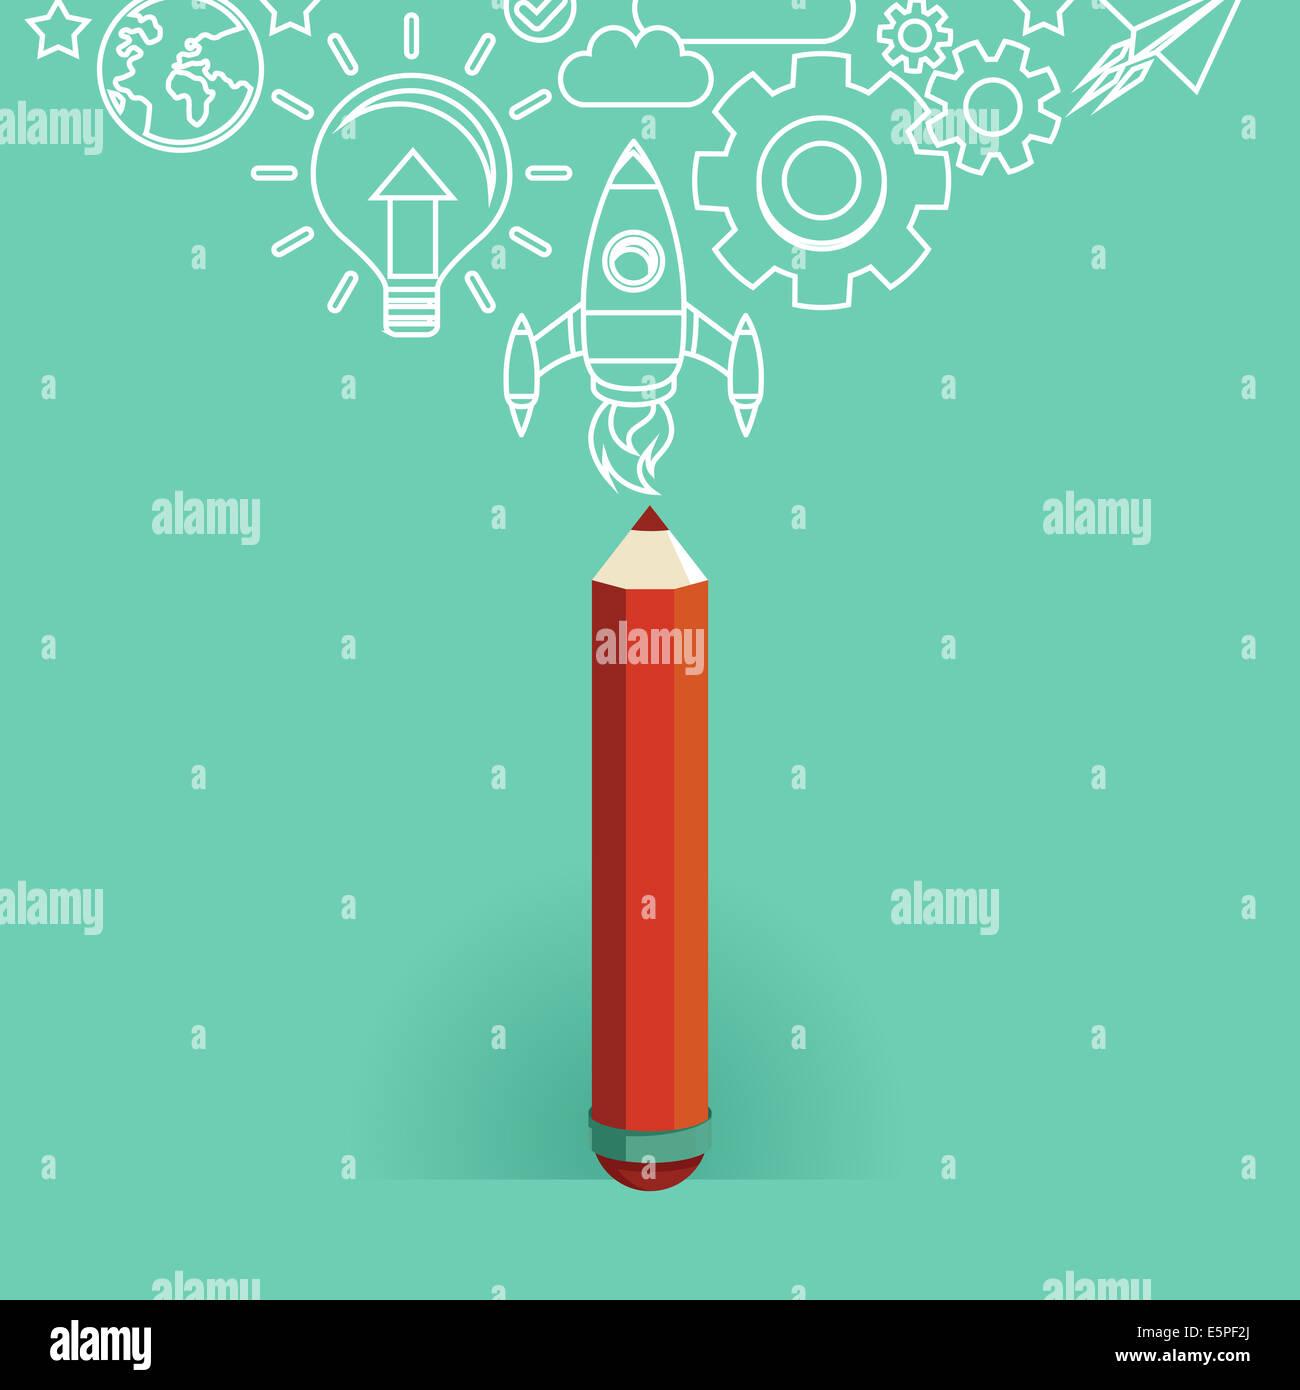 Concepto de diseño gráfico - Iconos de estilo plano - Inicio Imagen De Stock